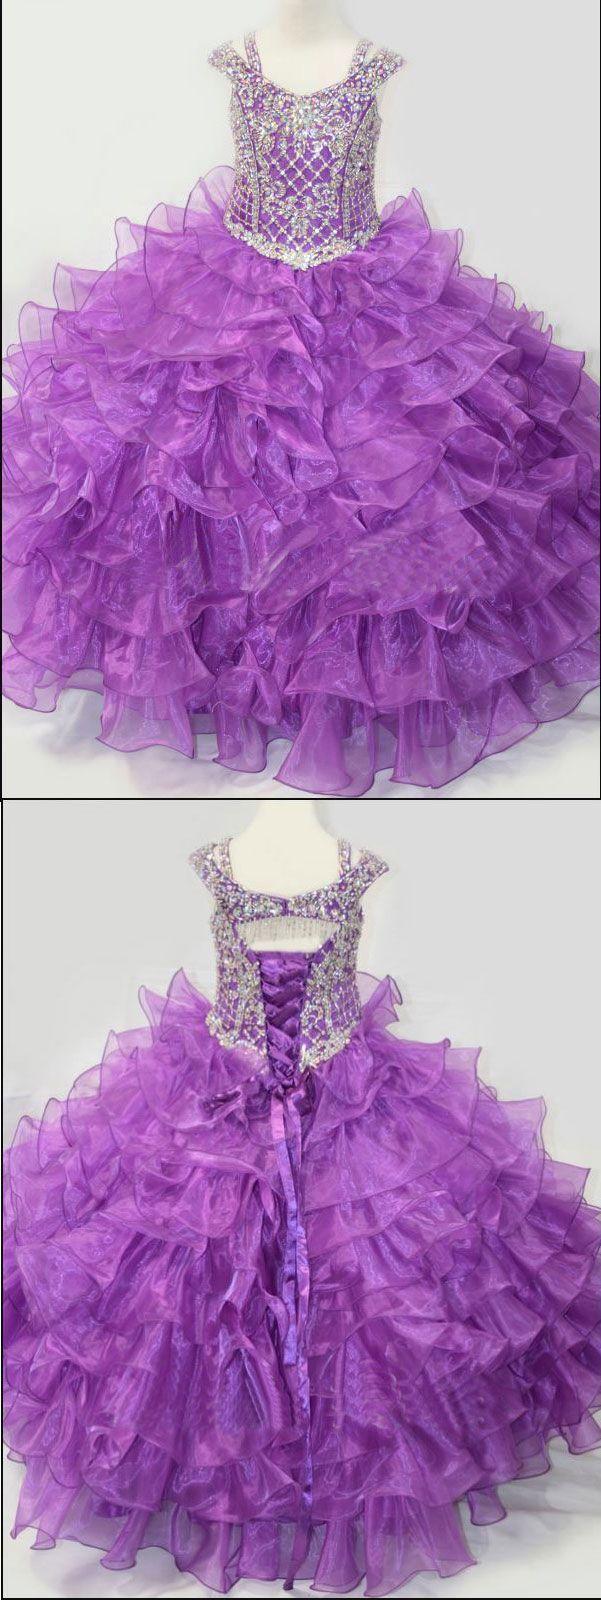 pageant dresses for junior, purple pageant gowns, sparkly beaded pageant dresses, beaded ball gowns dresses